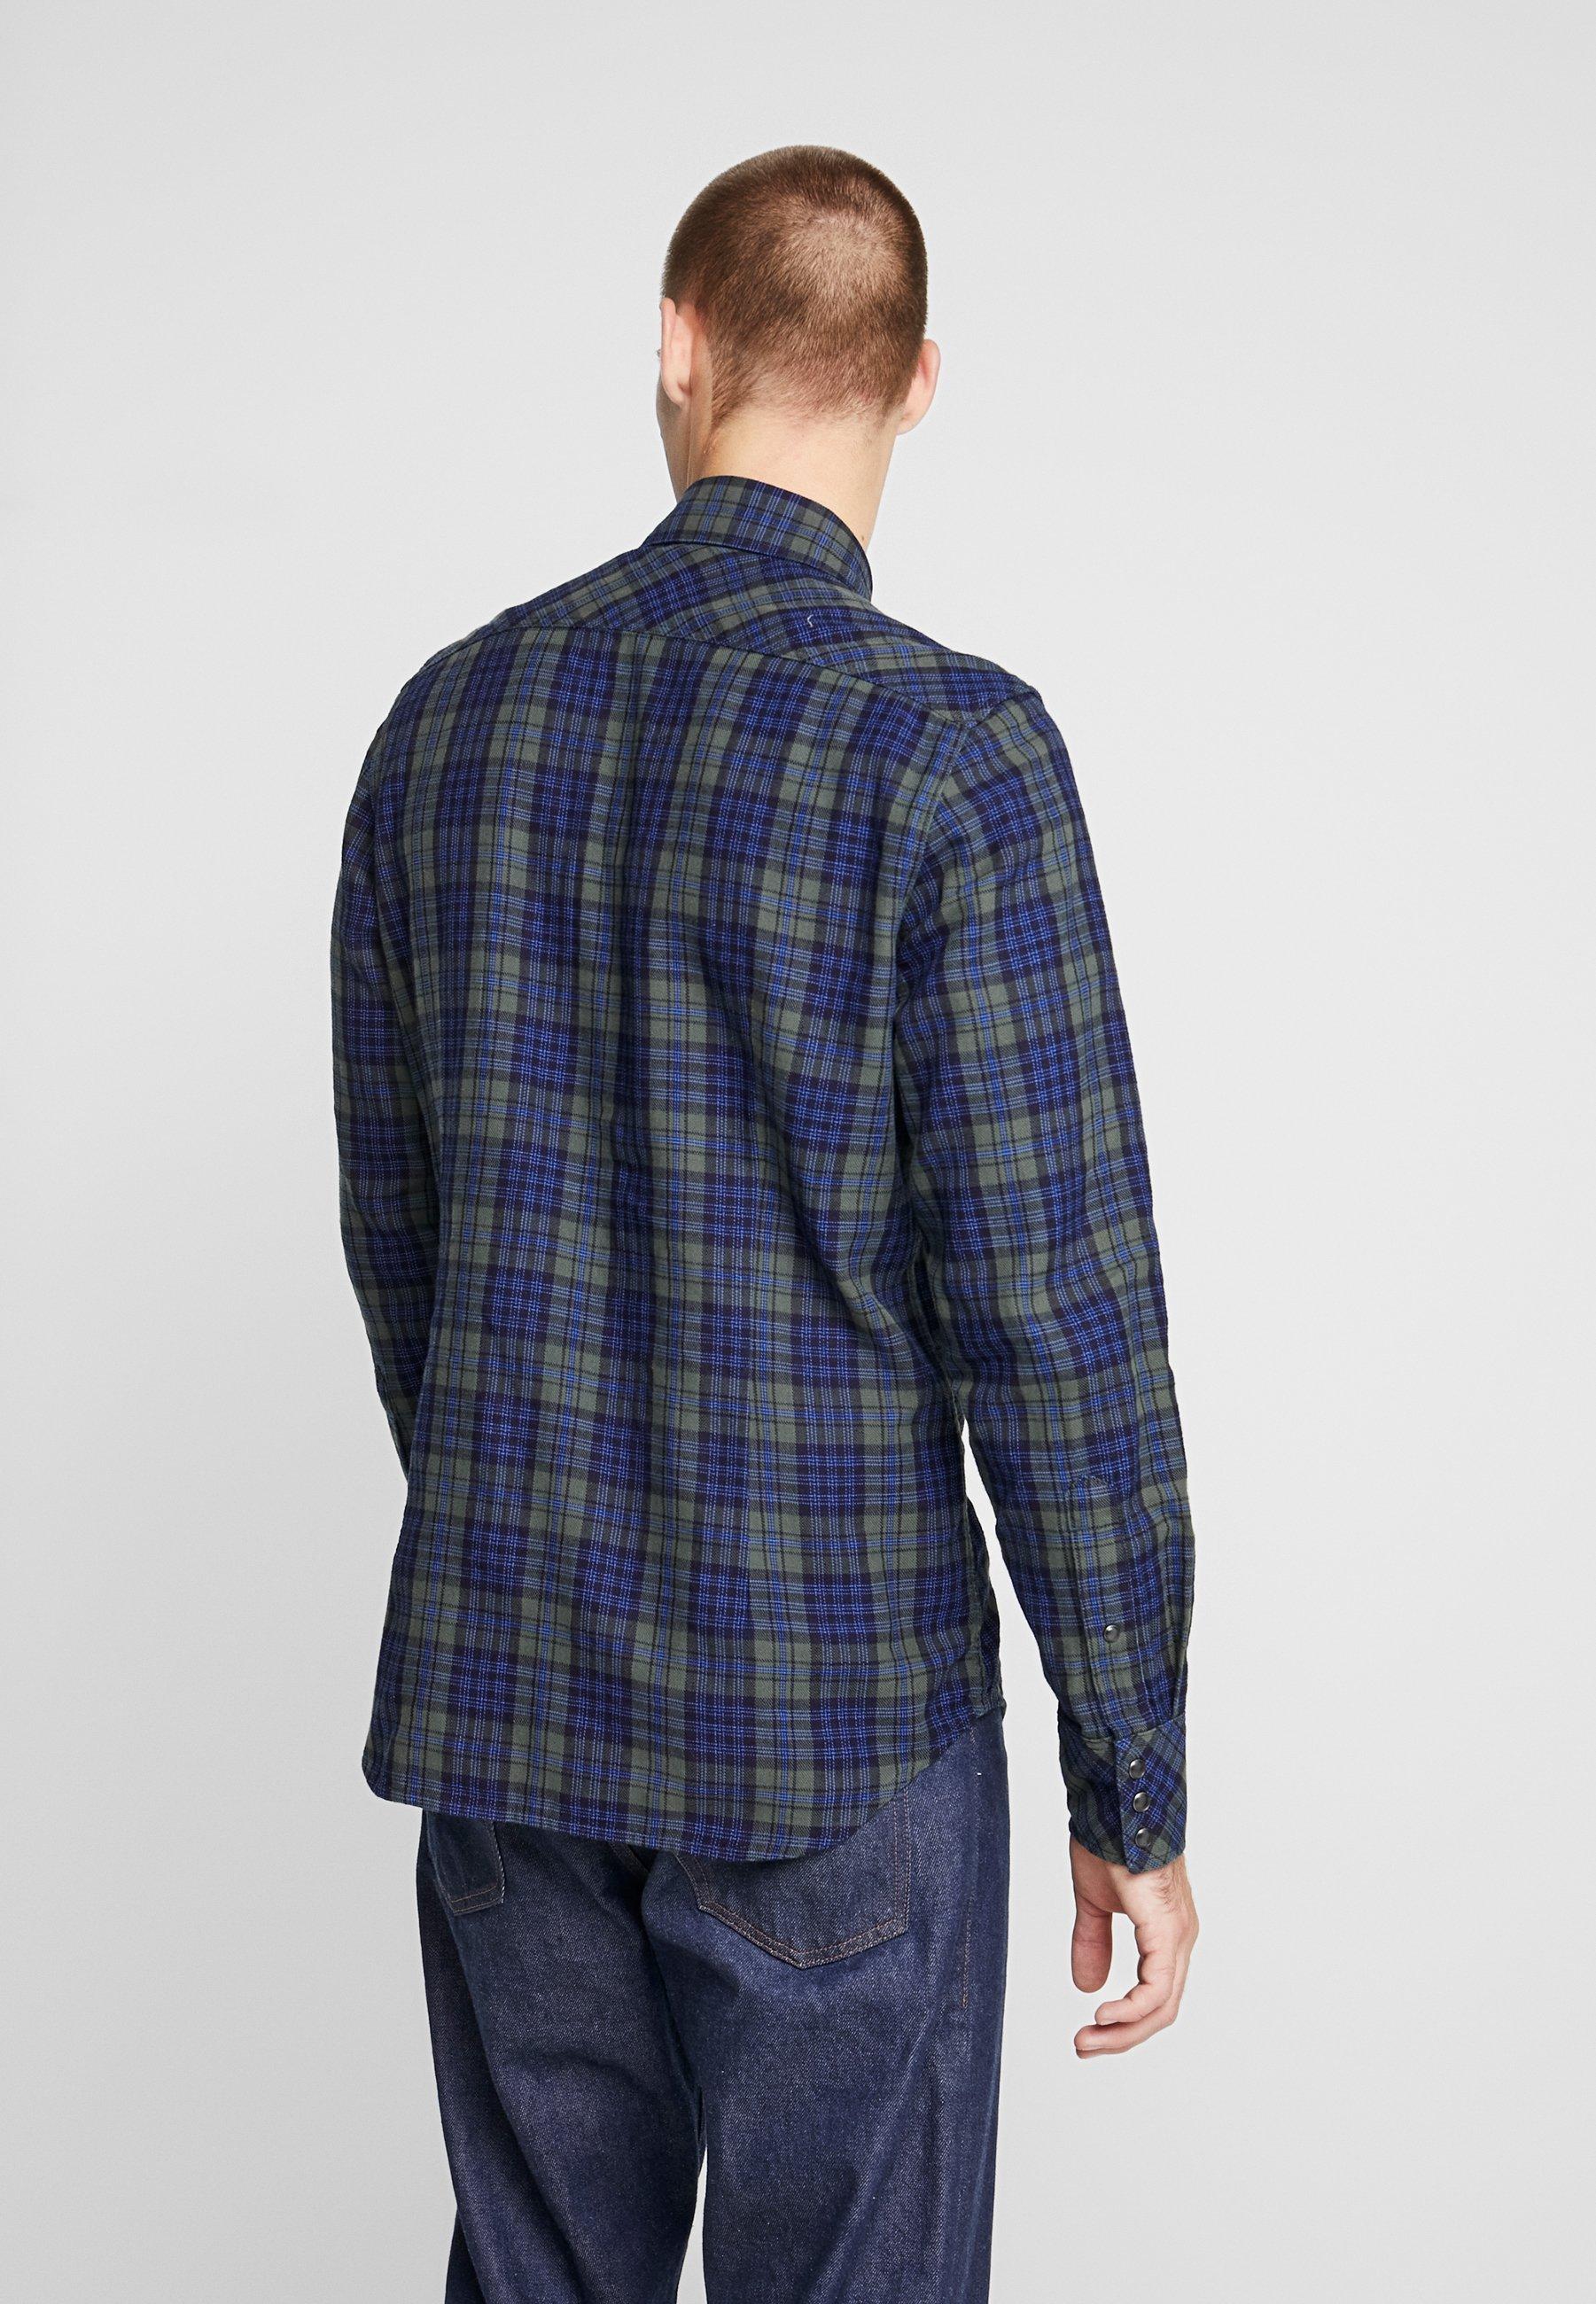 G Star SLIM SHIRT Skjorte indigodark vermont green